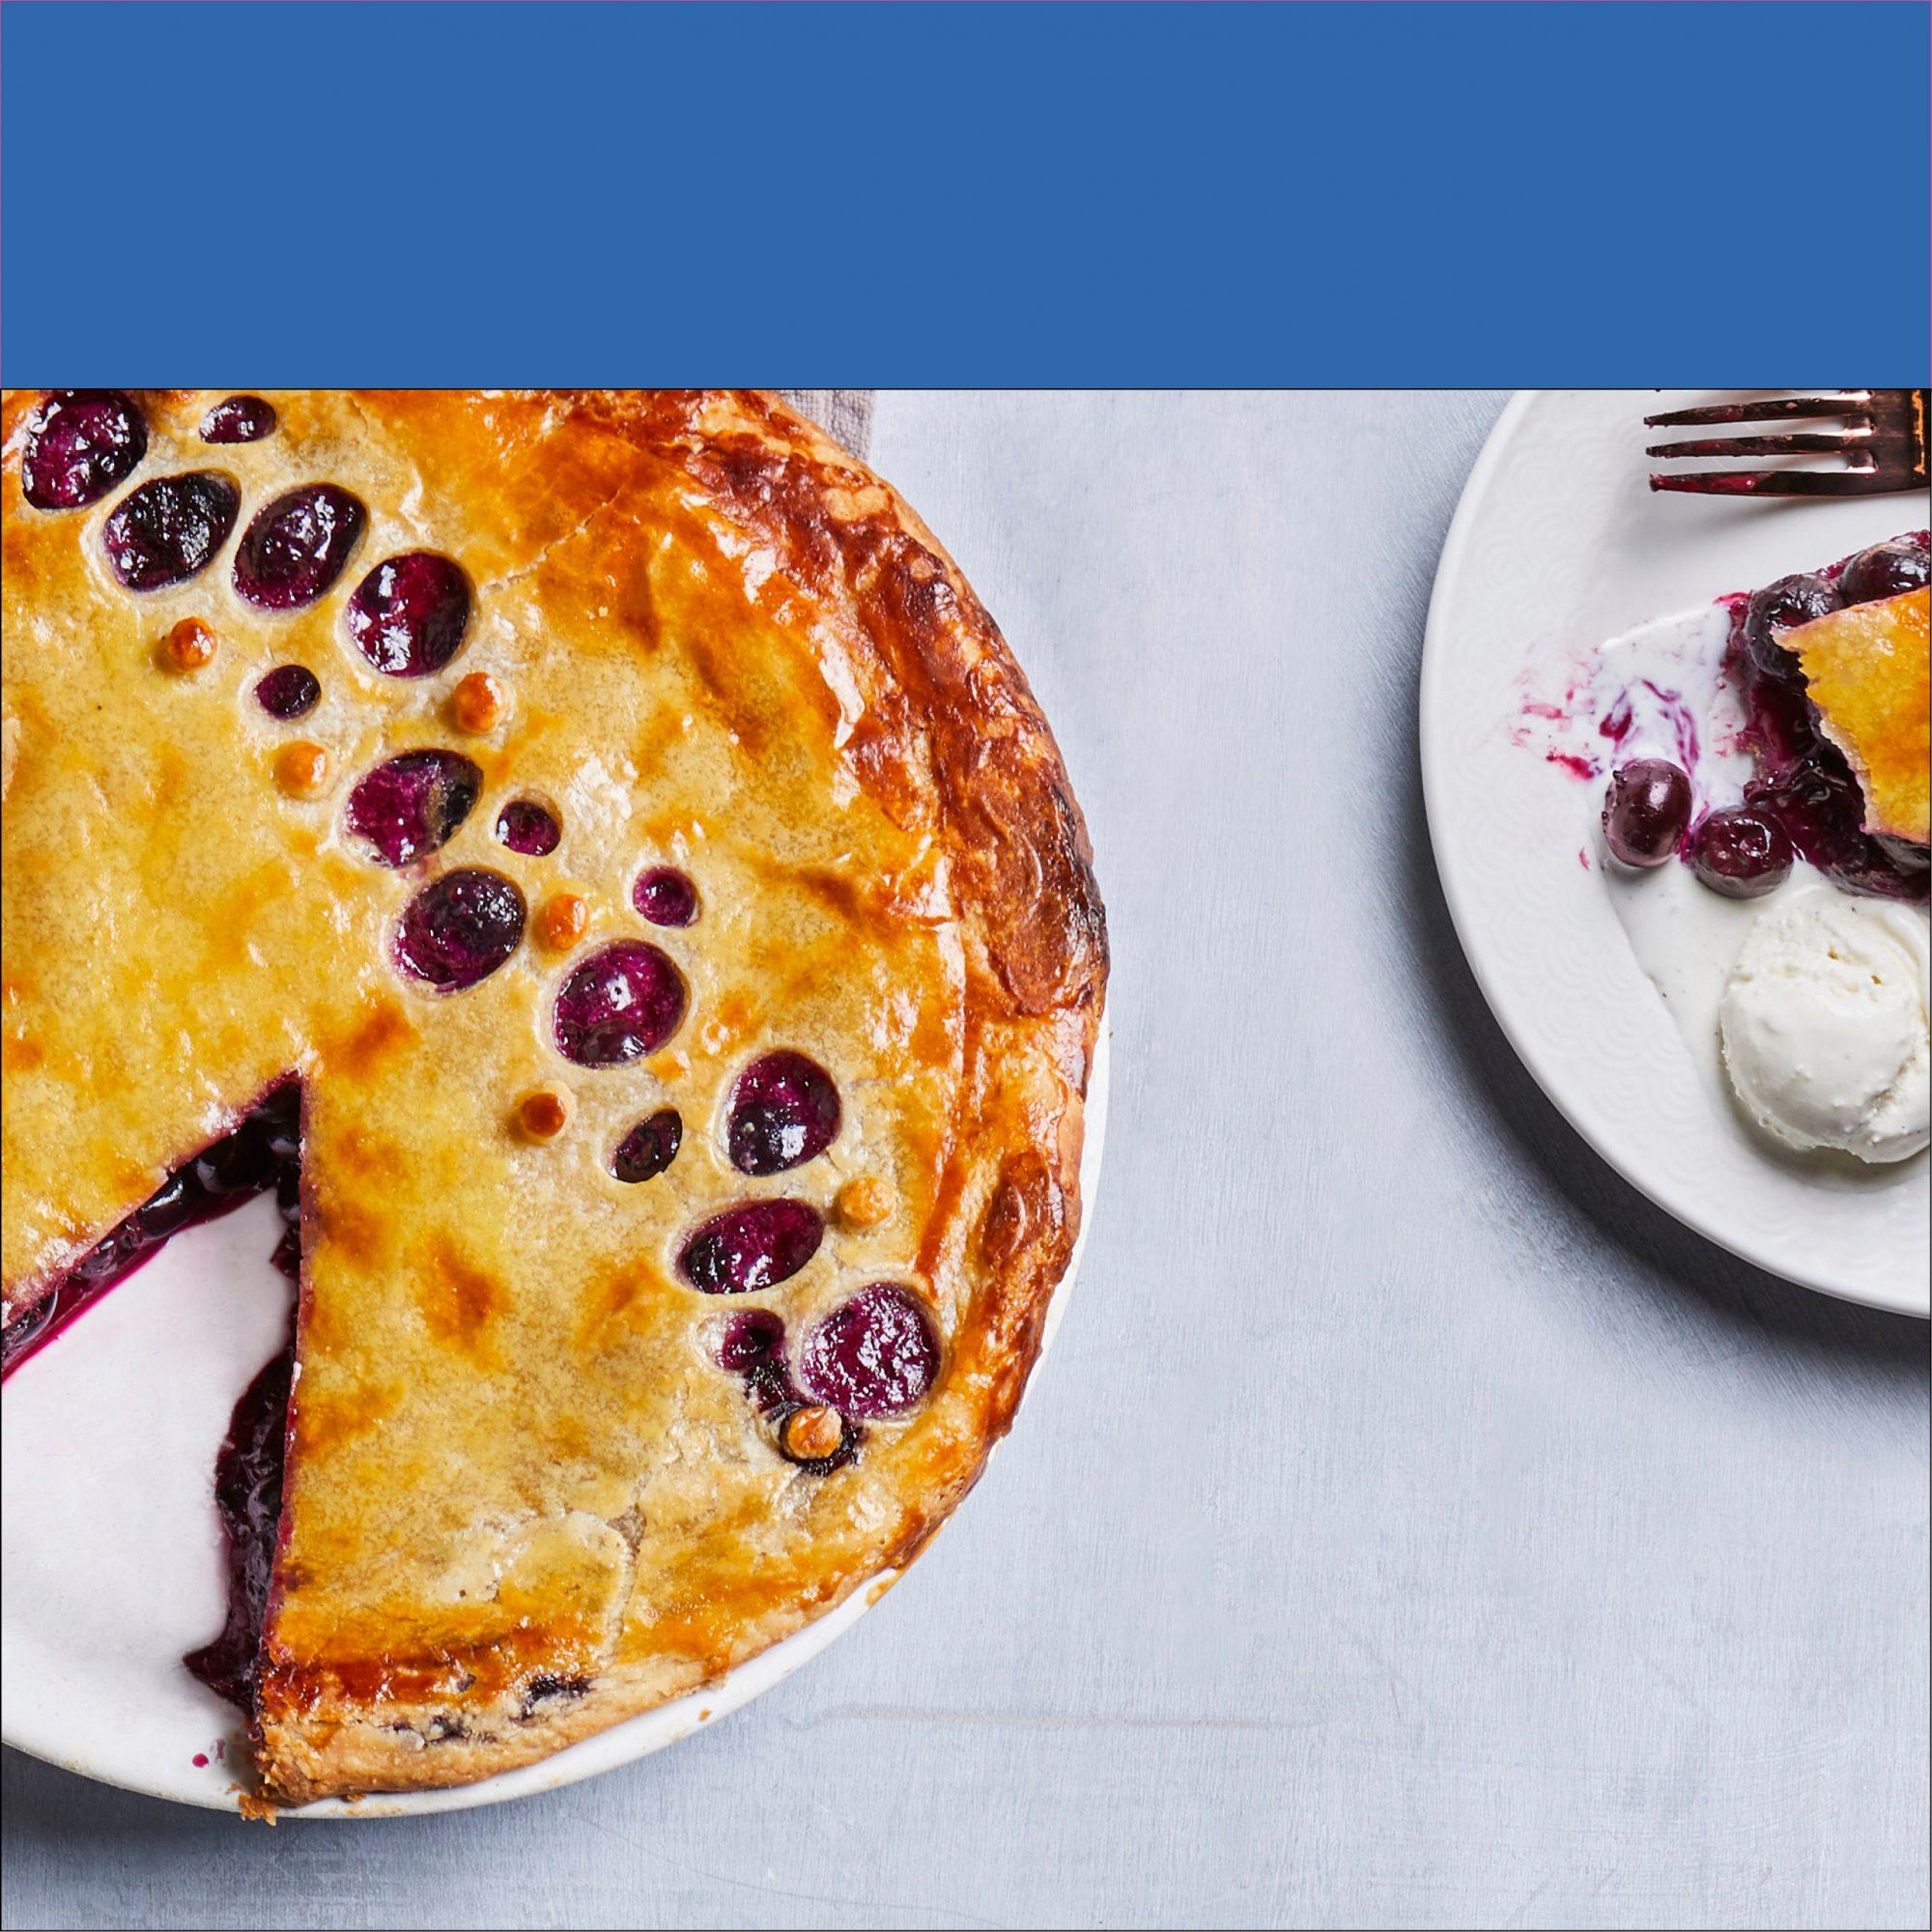 Jammy Blueberry Pie